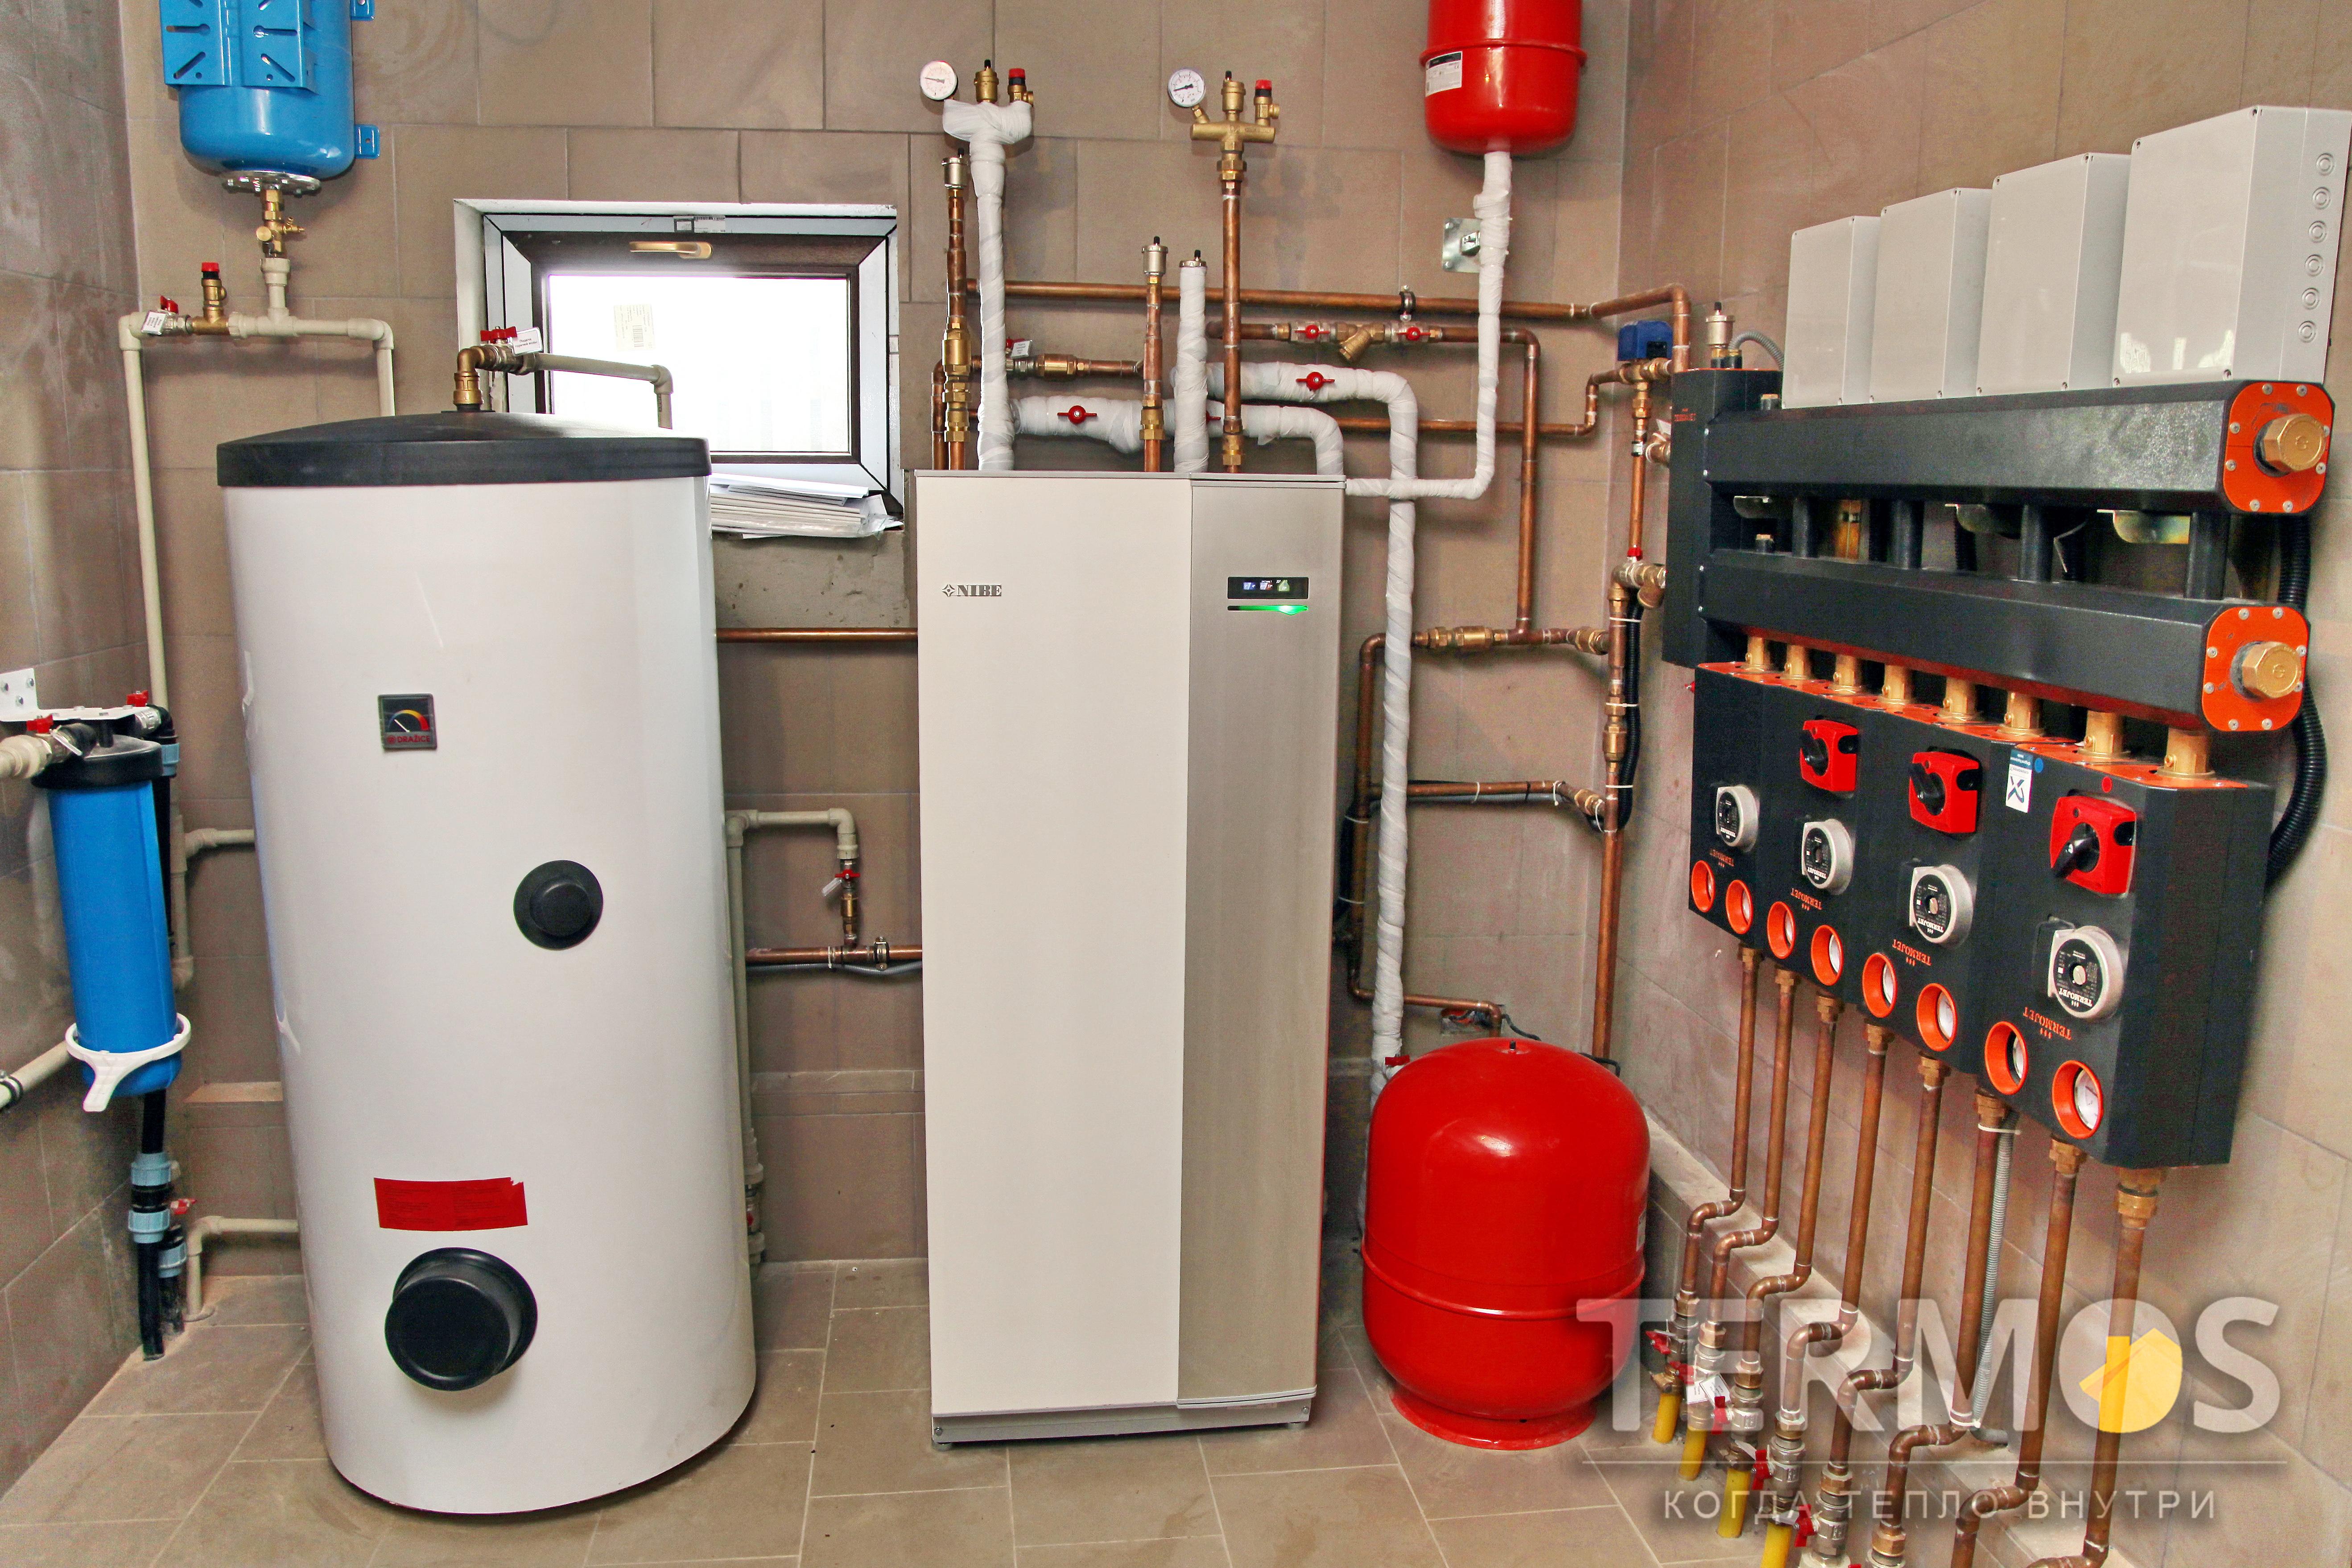 Дом 300 м кв. Инверторный тепловой насос NIBE 16 кВт, с 5 геотермальными скважинами по 70 м